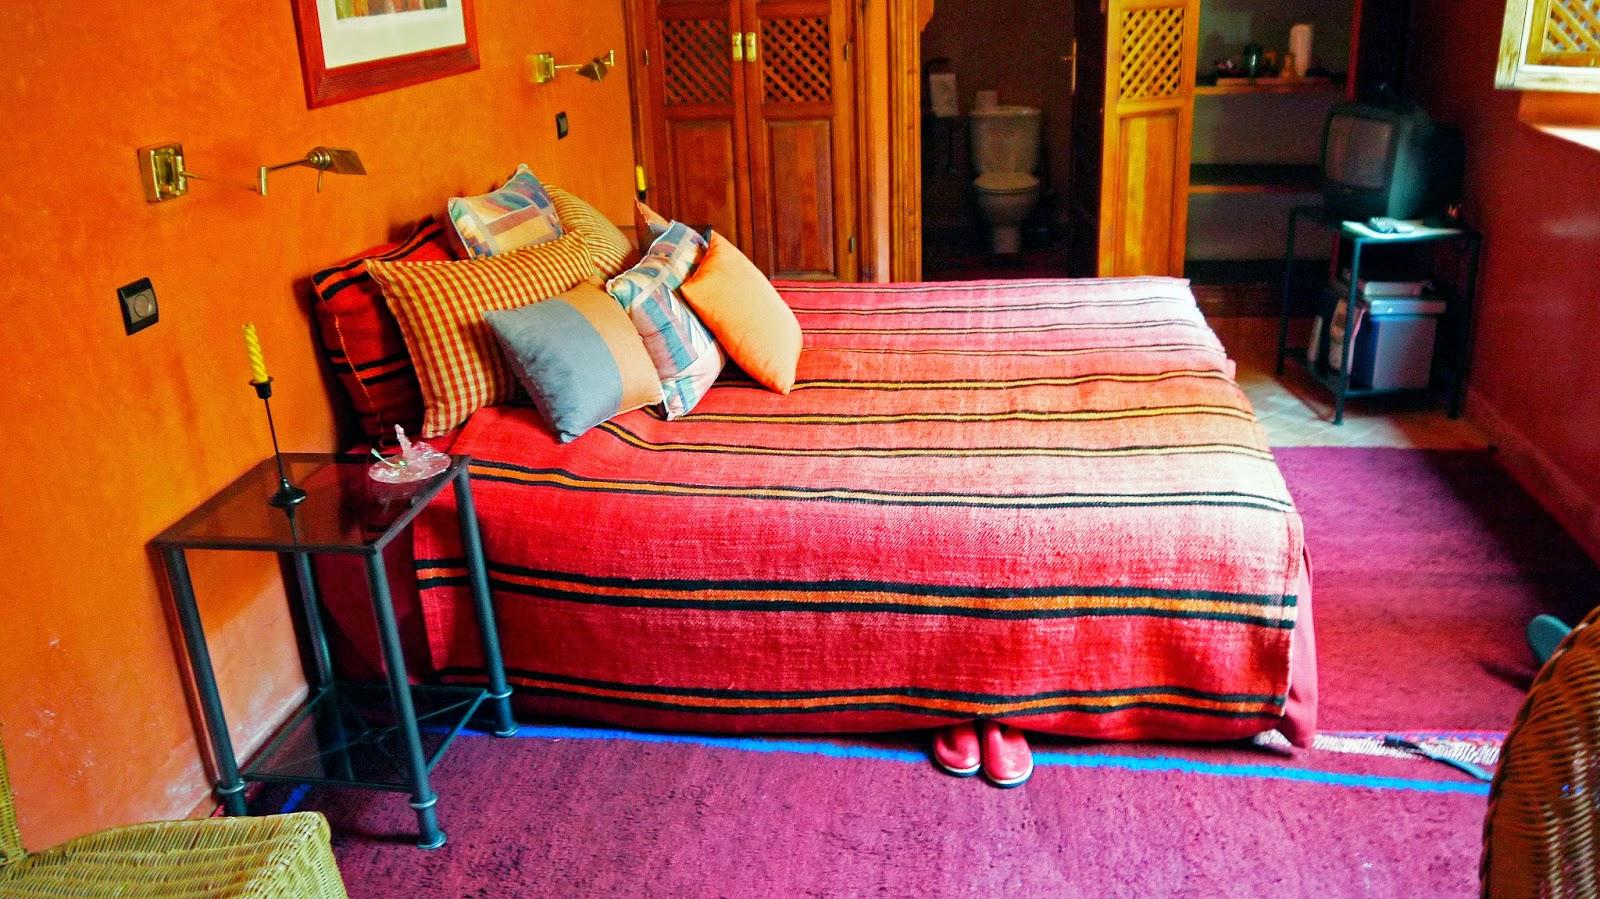 Bed in Riad Noga Marrakesh